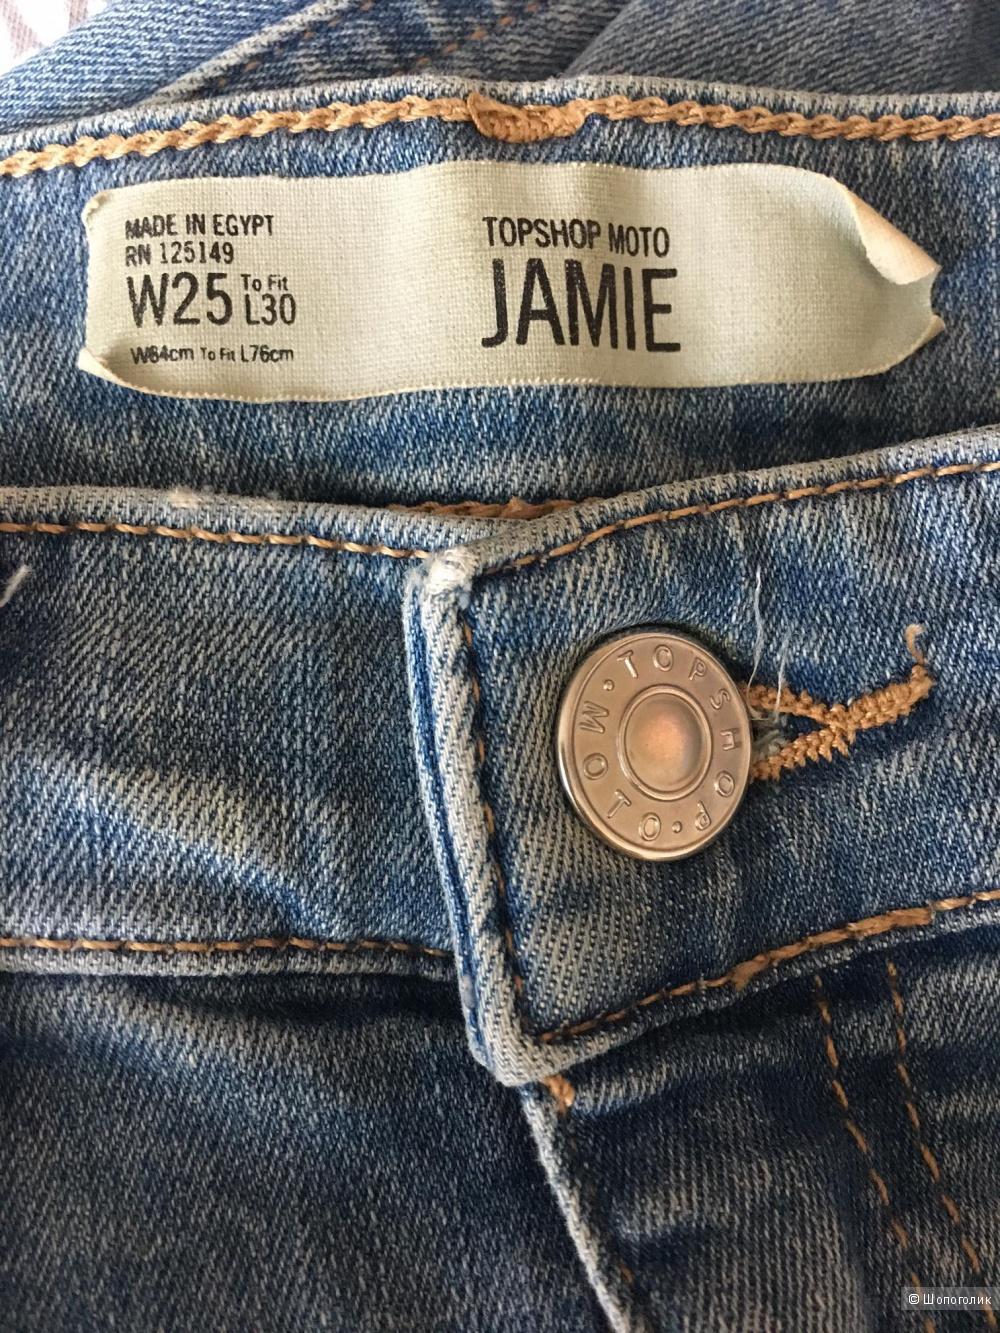 Узкие джинсы Topshop в 25 размере, модель Jamie, цвет bleach